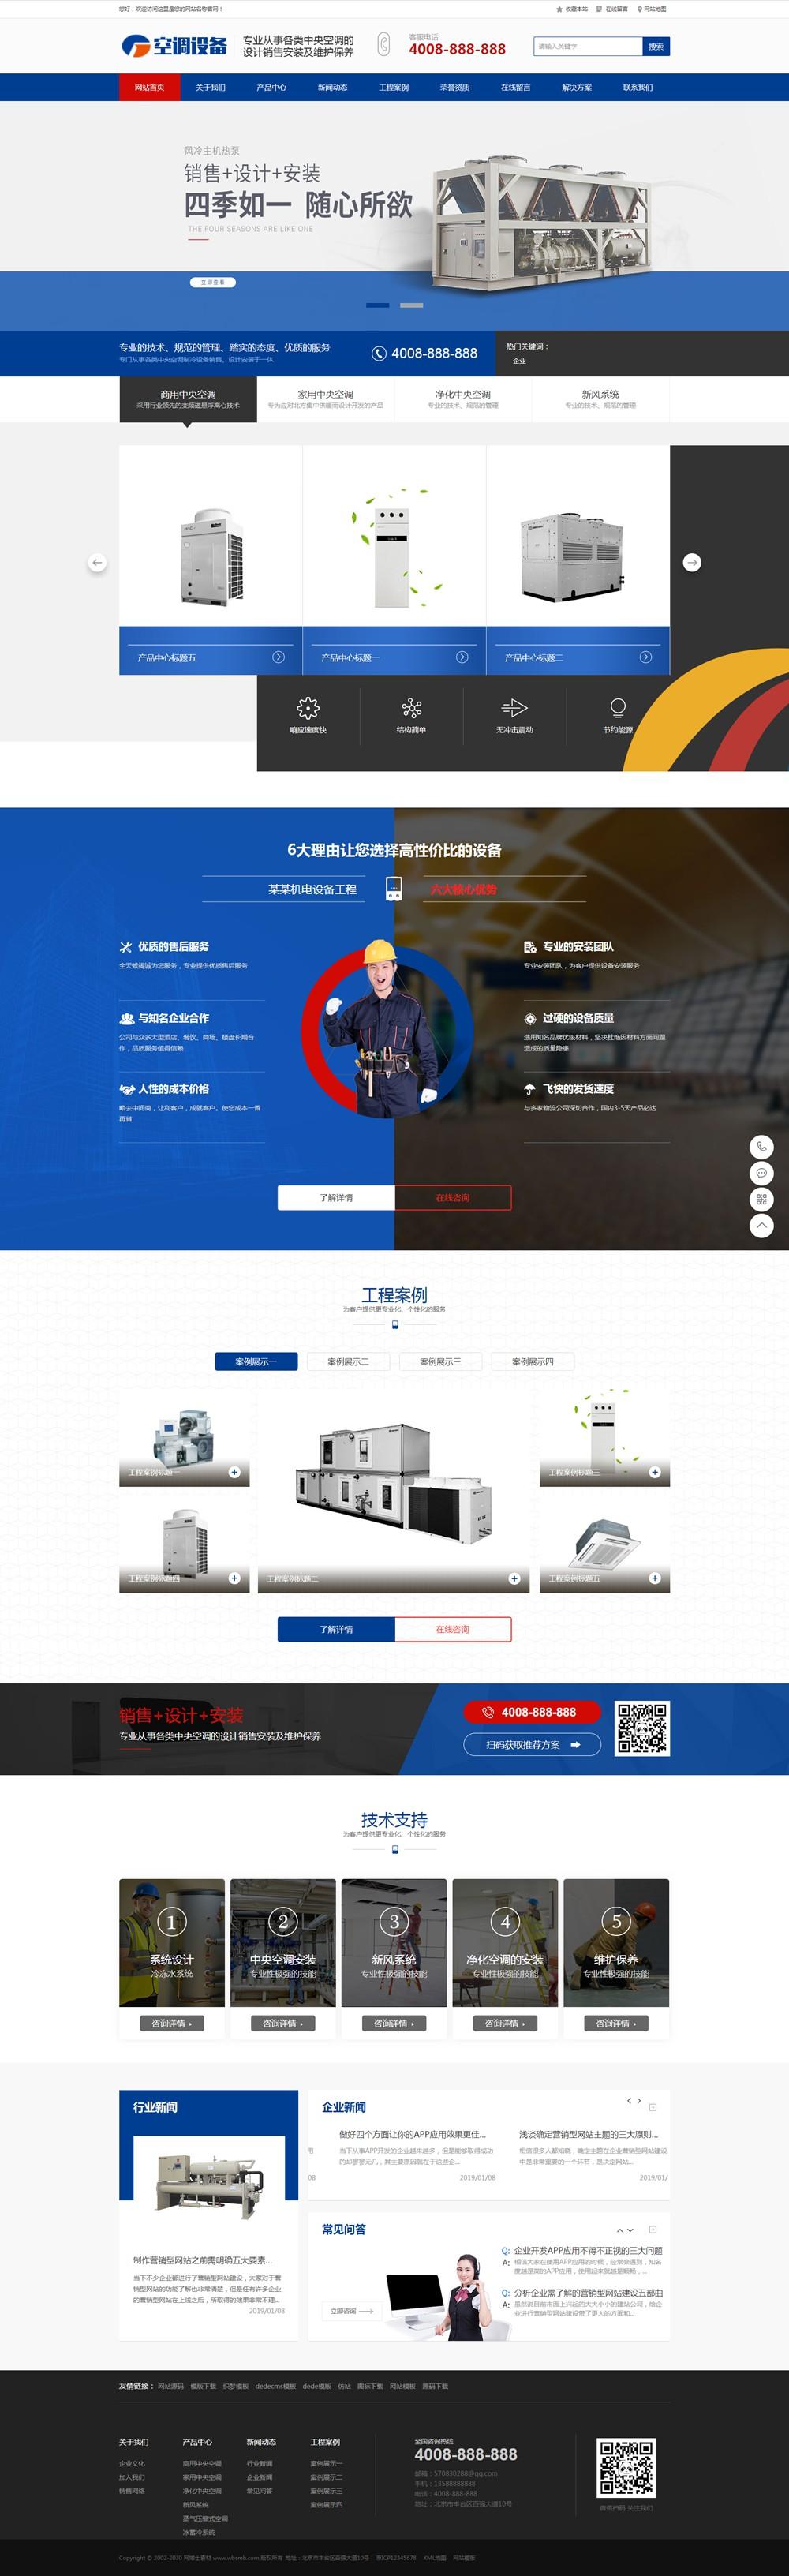 (带手机版手机同步)蓝色营销型中央空调设备系统类网站织梦模板 大型制冷设备网站源码